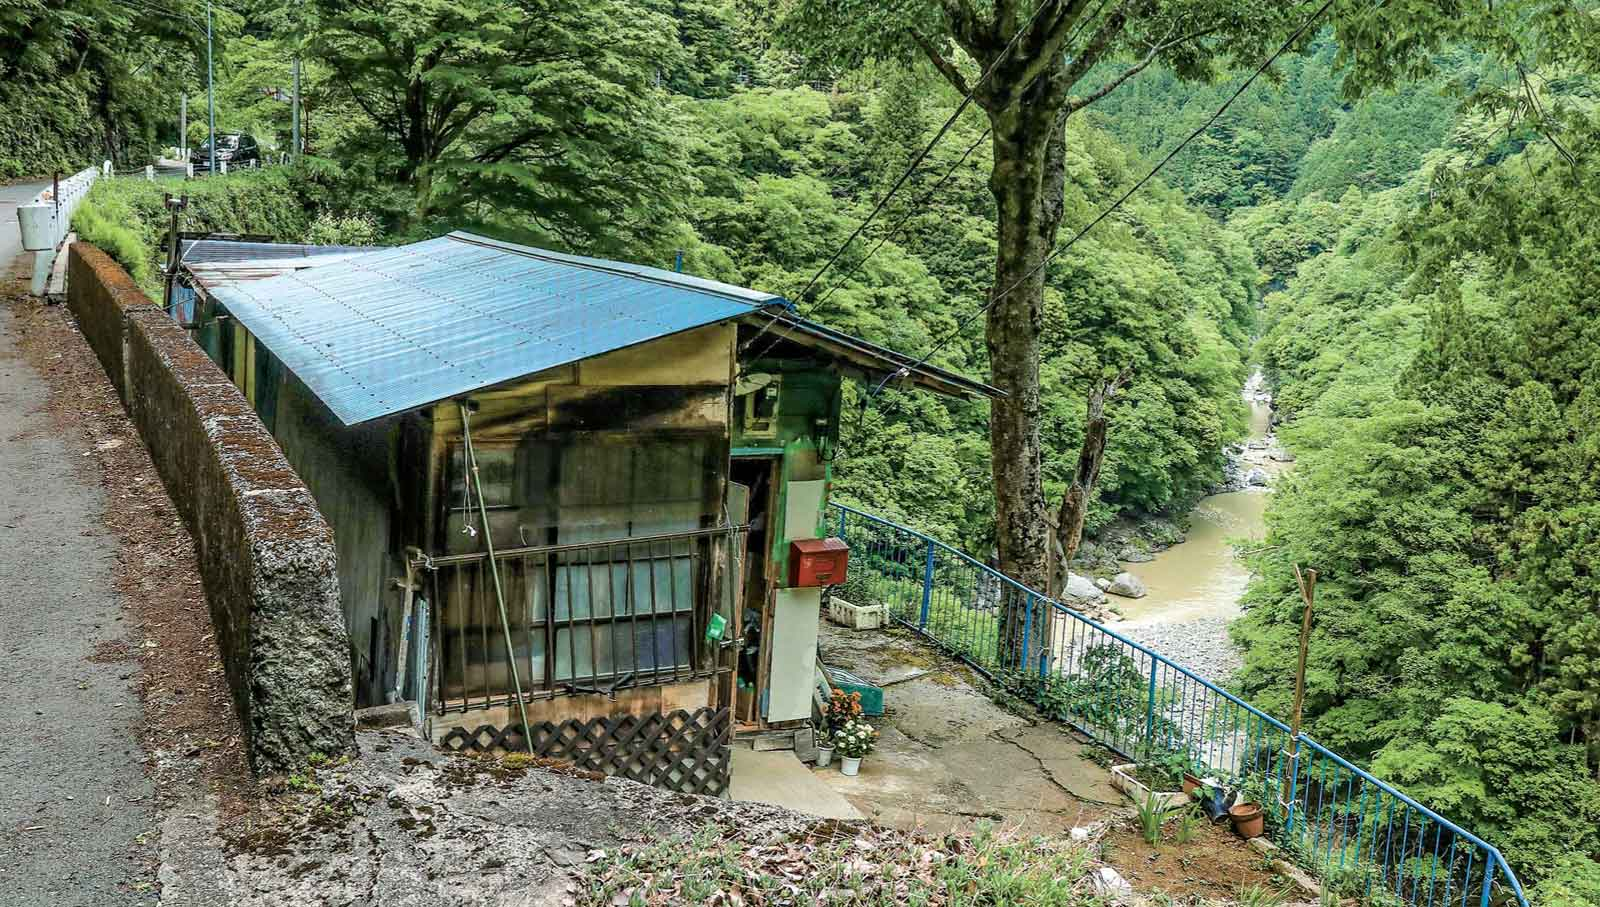 正面に渓谷、裏は道路トタン屋根の民家